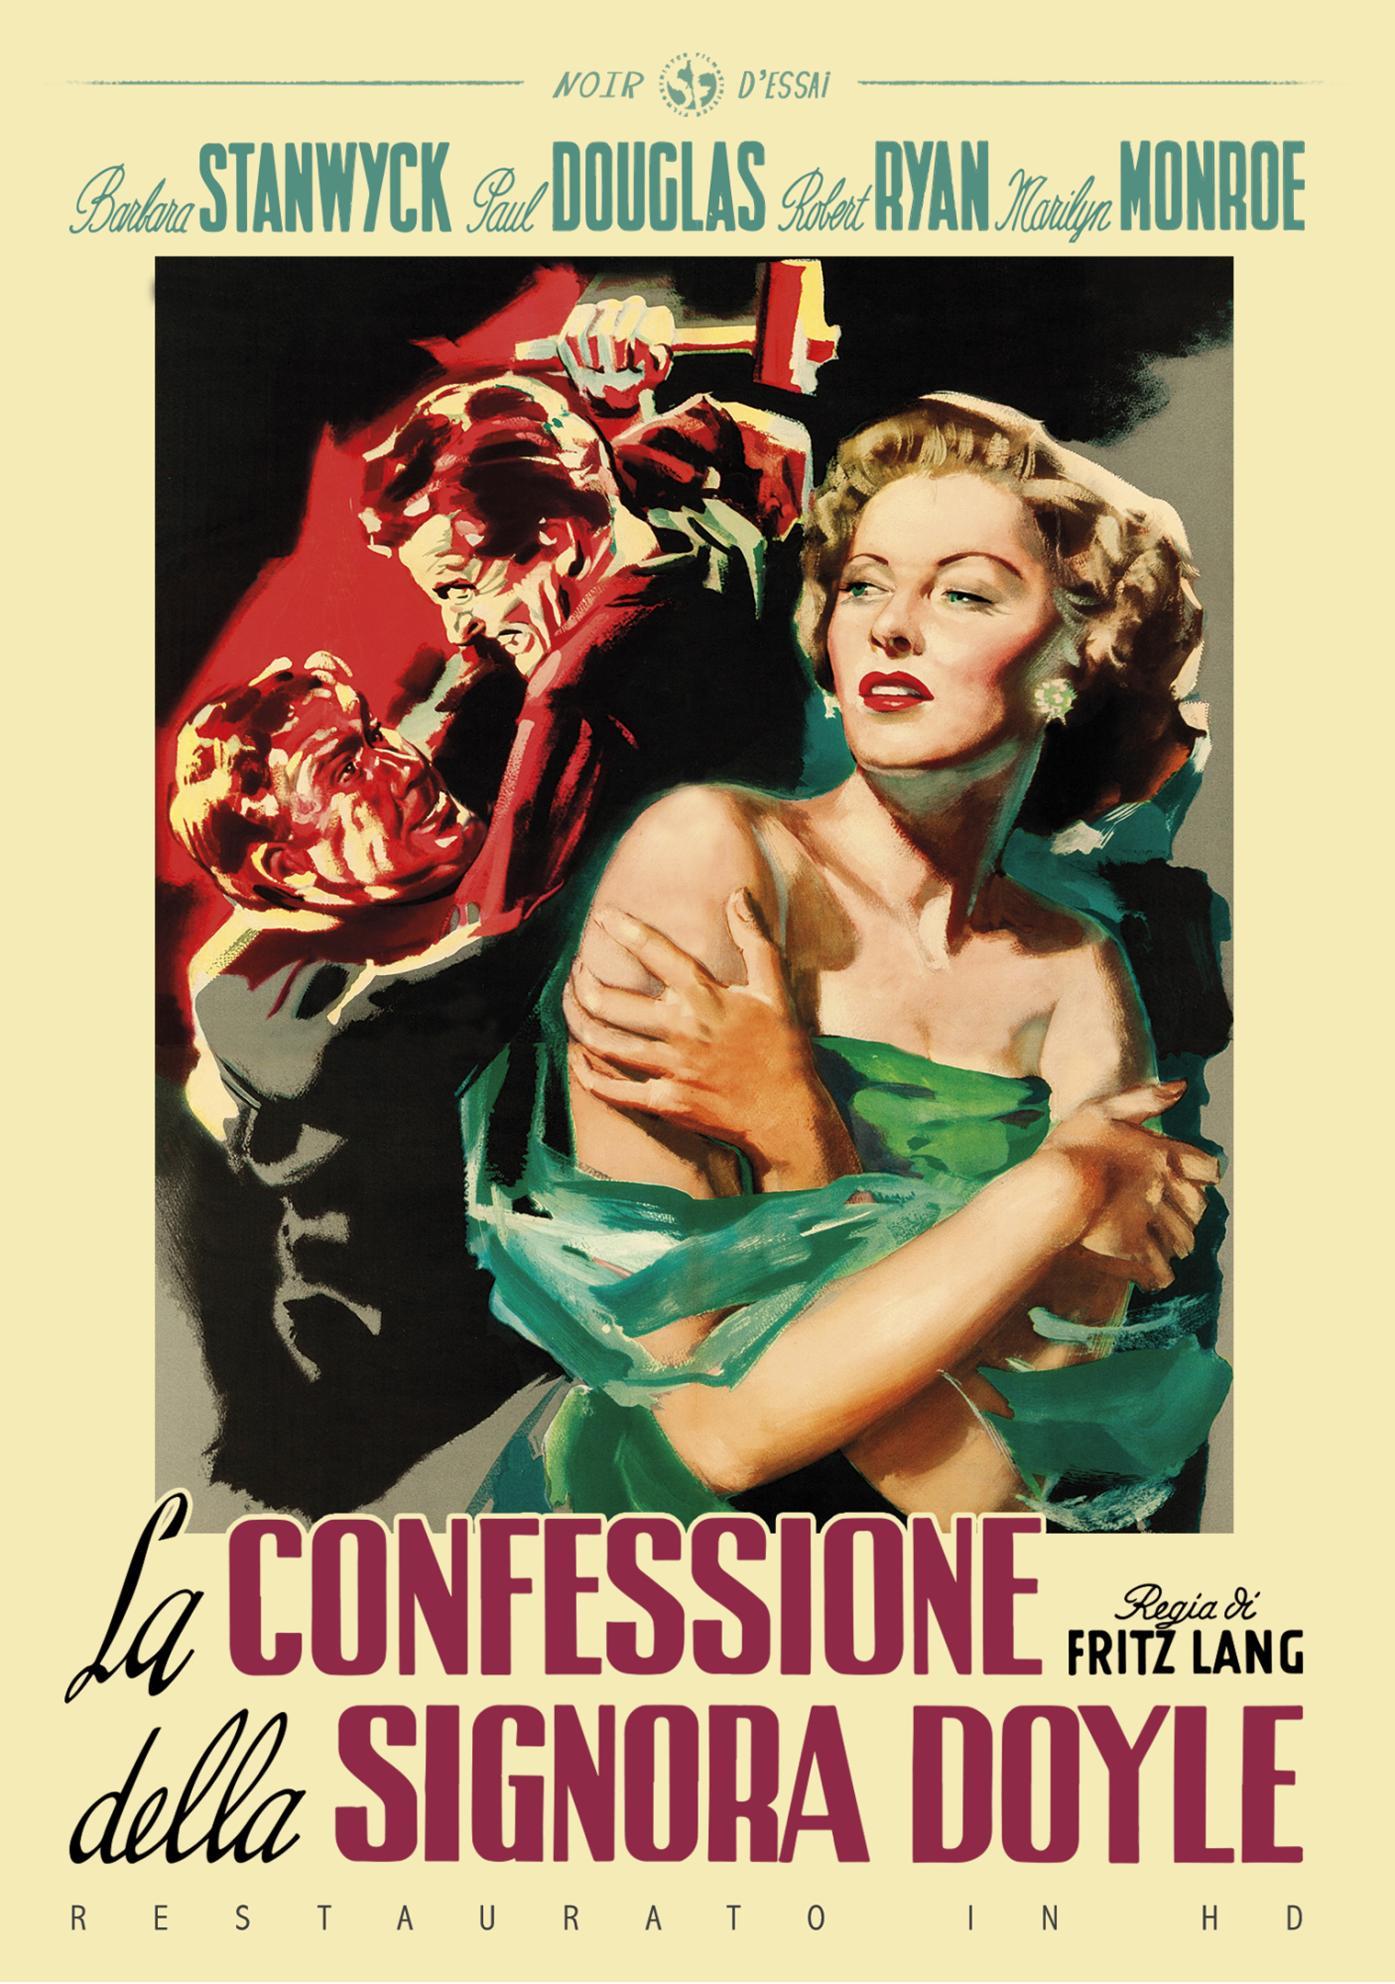 LA CONFESSIONE DELLA SIGNORA DOYLE (RESTAURATO IN HD) (DVD)